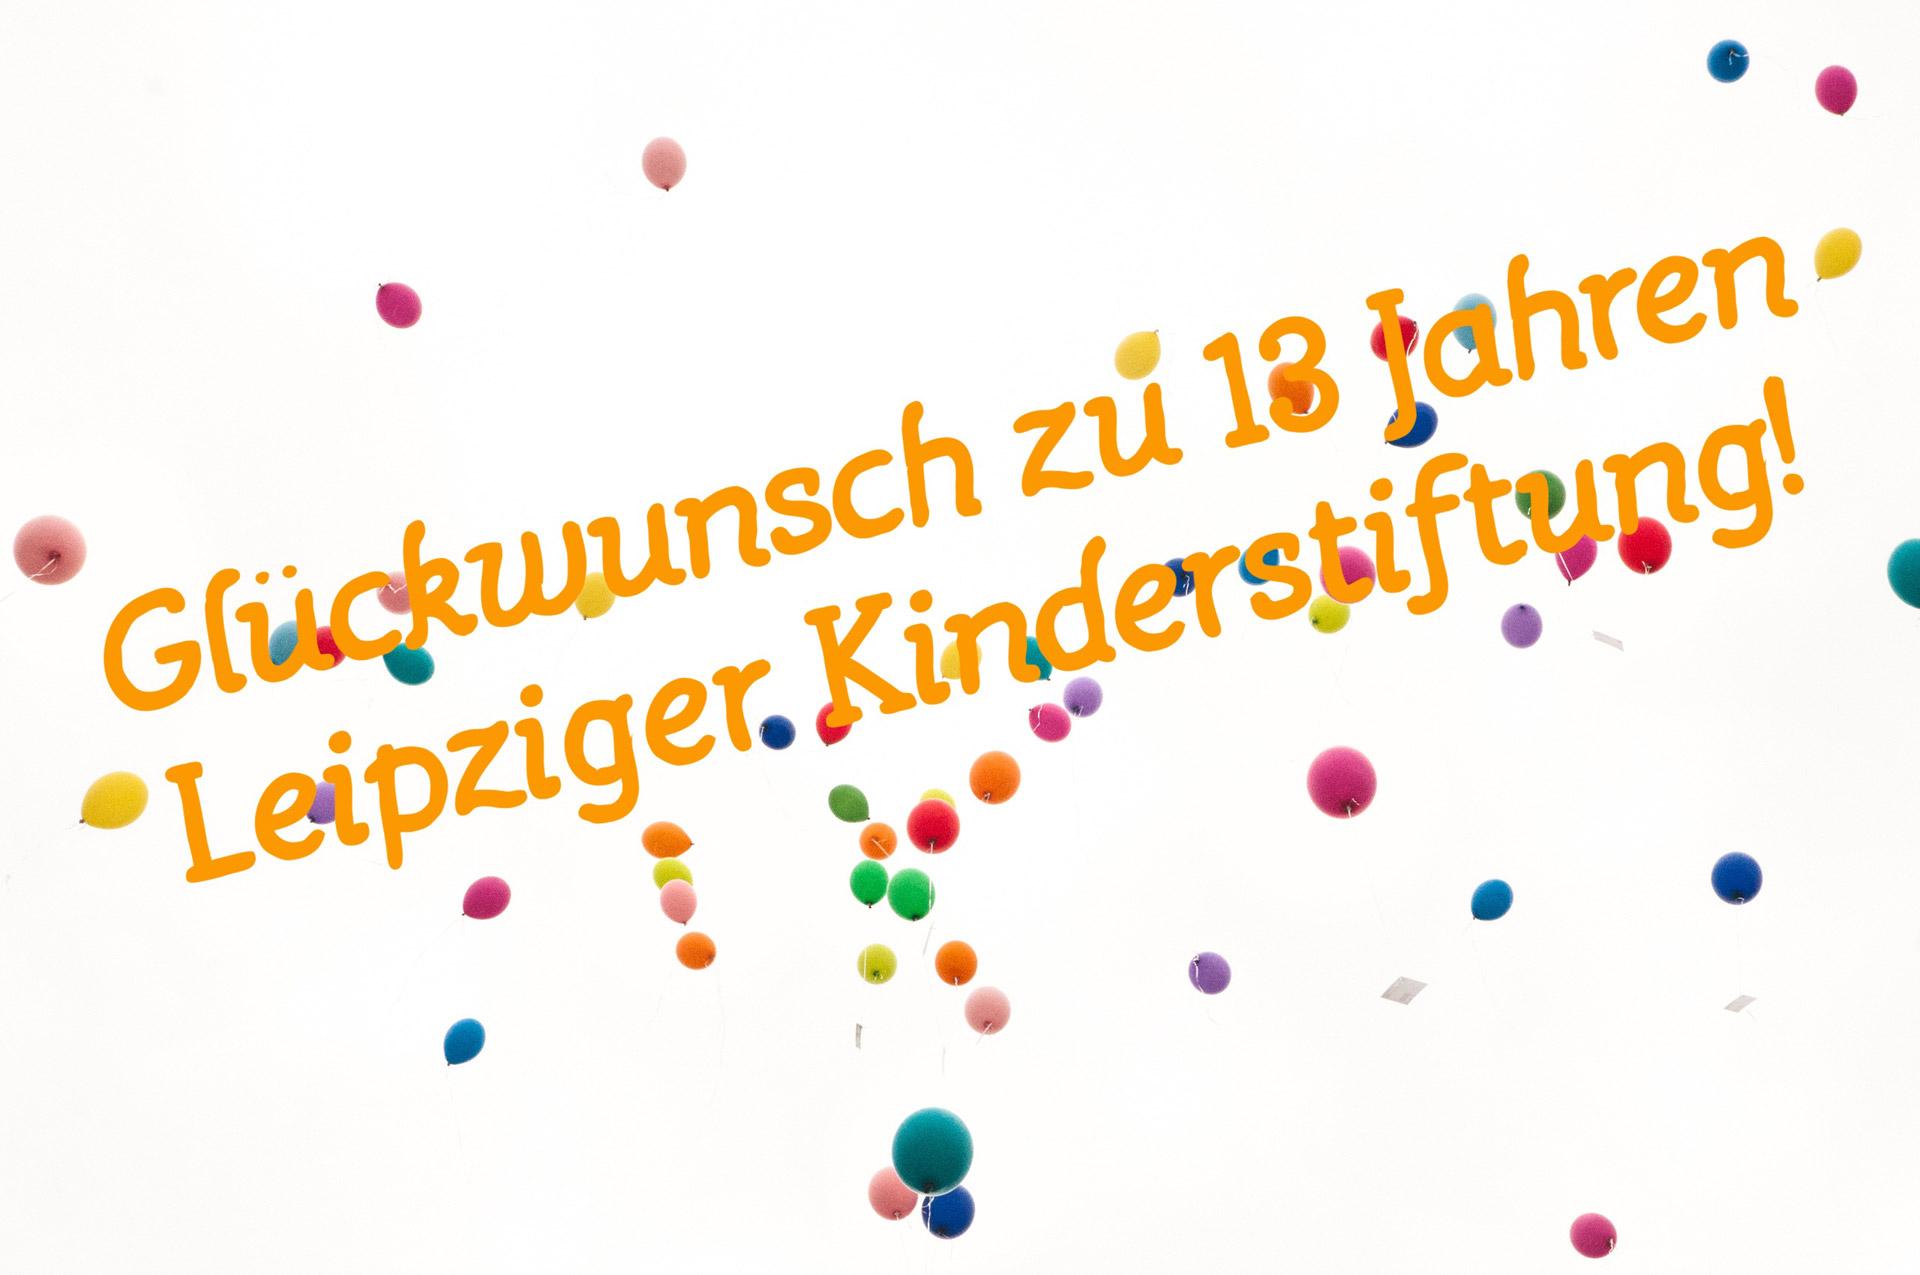 13 Jahre- Leipziger Kinderstiftung - 2021